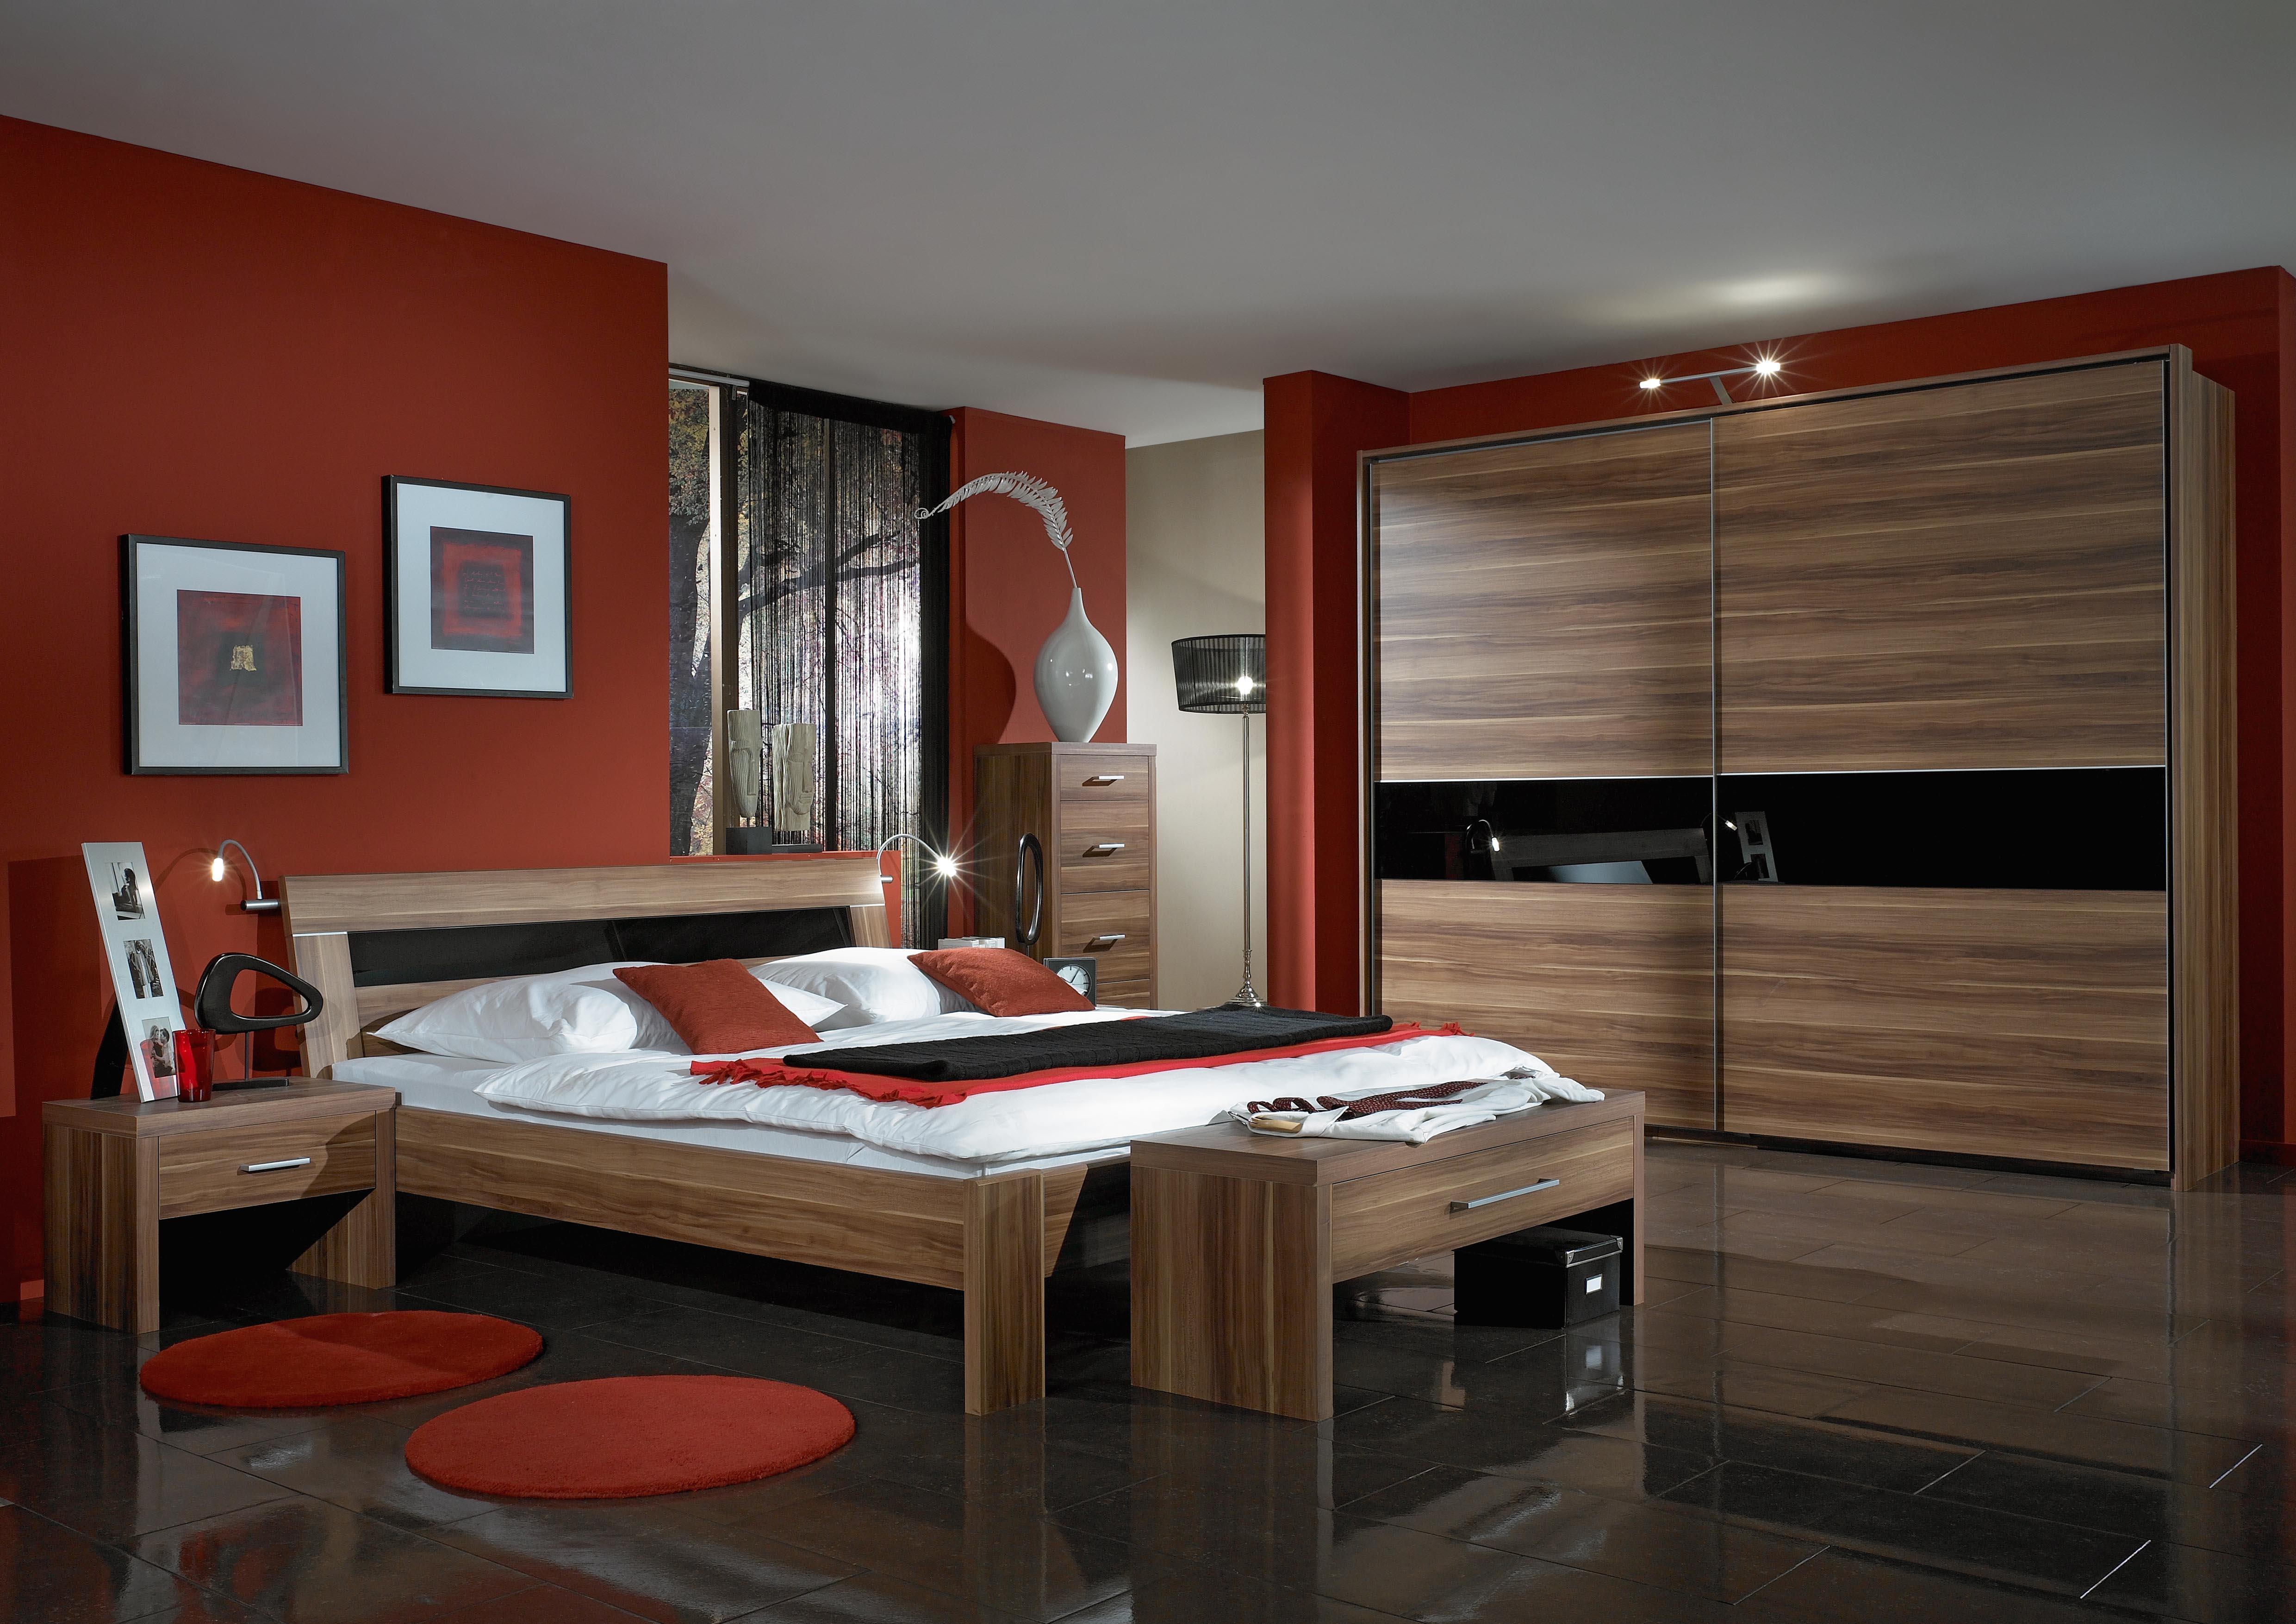 Schlafzimmer Im Mobelhandel Wohntraume Aus Nussbaum Melis Data